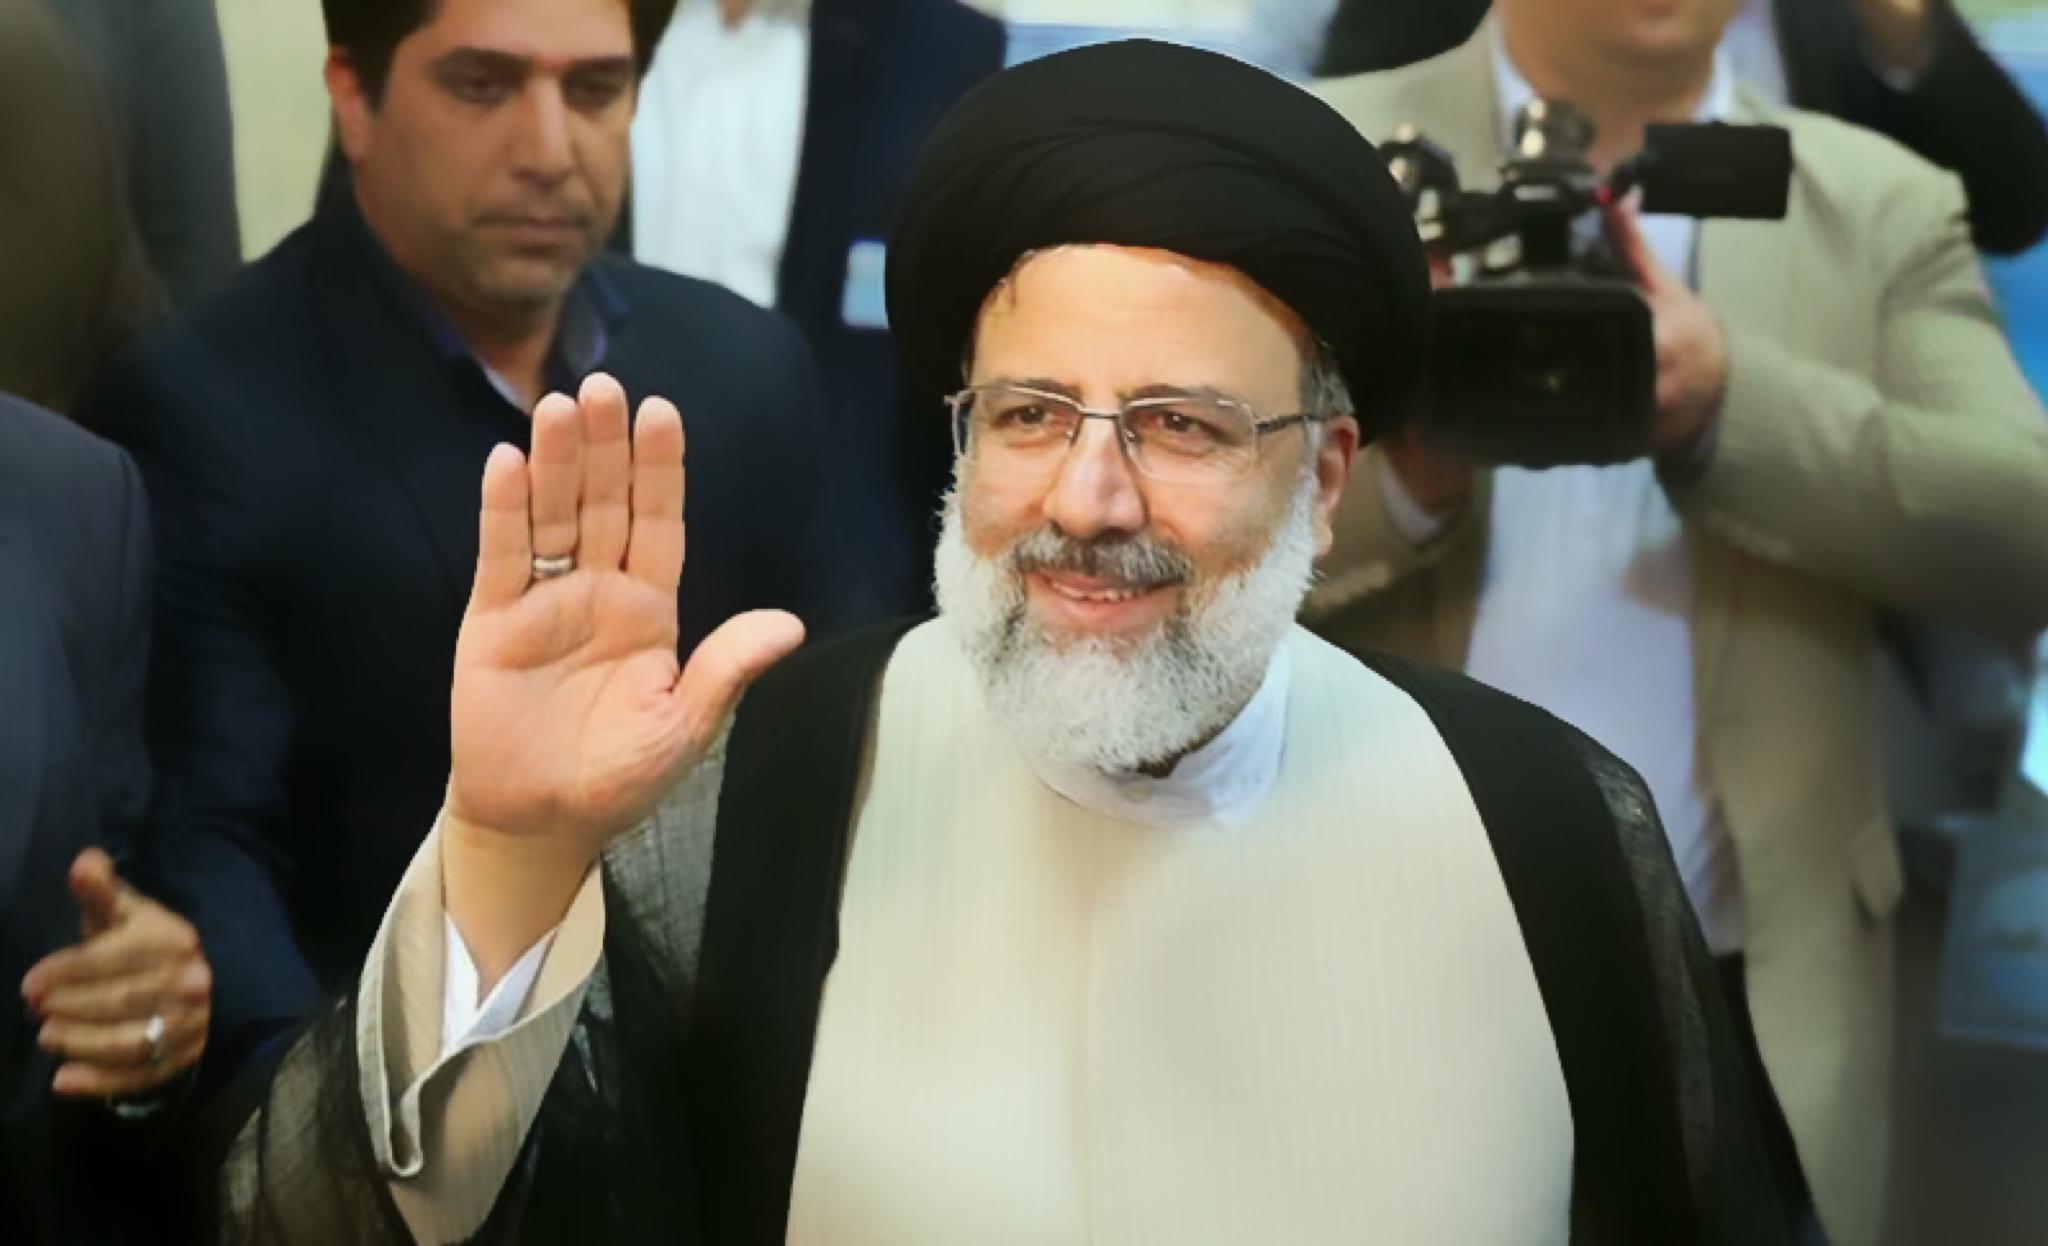 بیانیه سید ابراهیم رئیسی: دولت به تذکرات نسبت به اجرای قانون در ایام تبلیغات توجه نکرد/ امیدوارم این رویه نادرست در برگزاری انتخابات ادامه نیابد